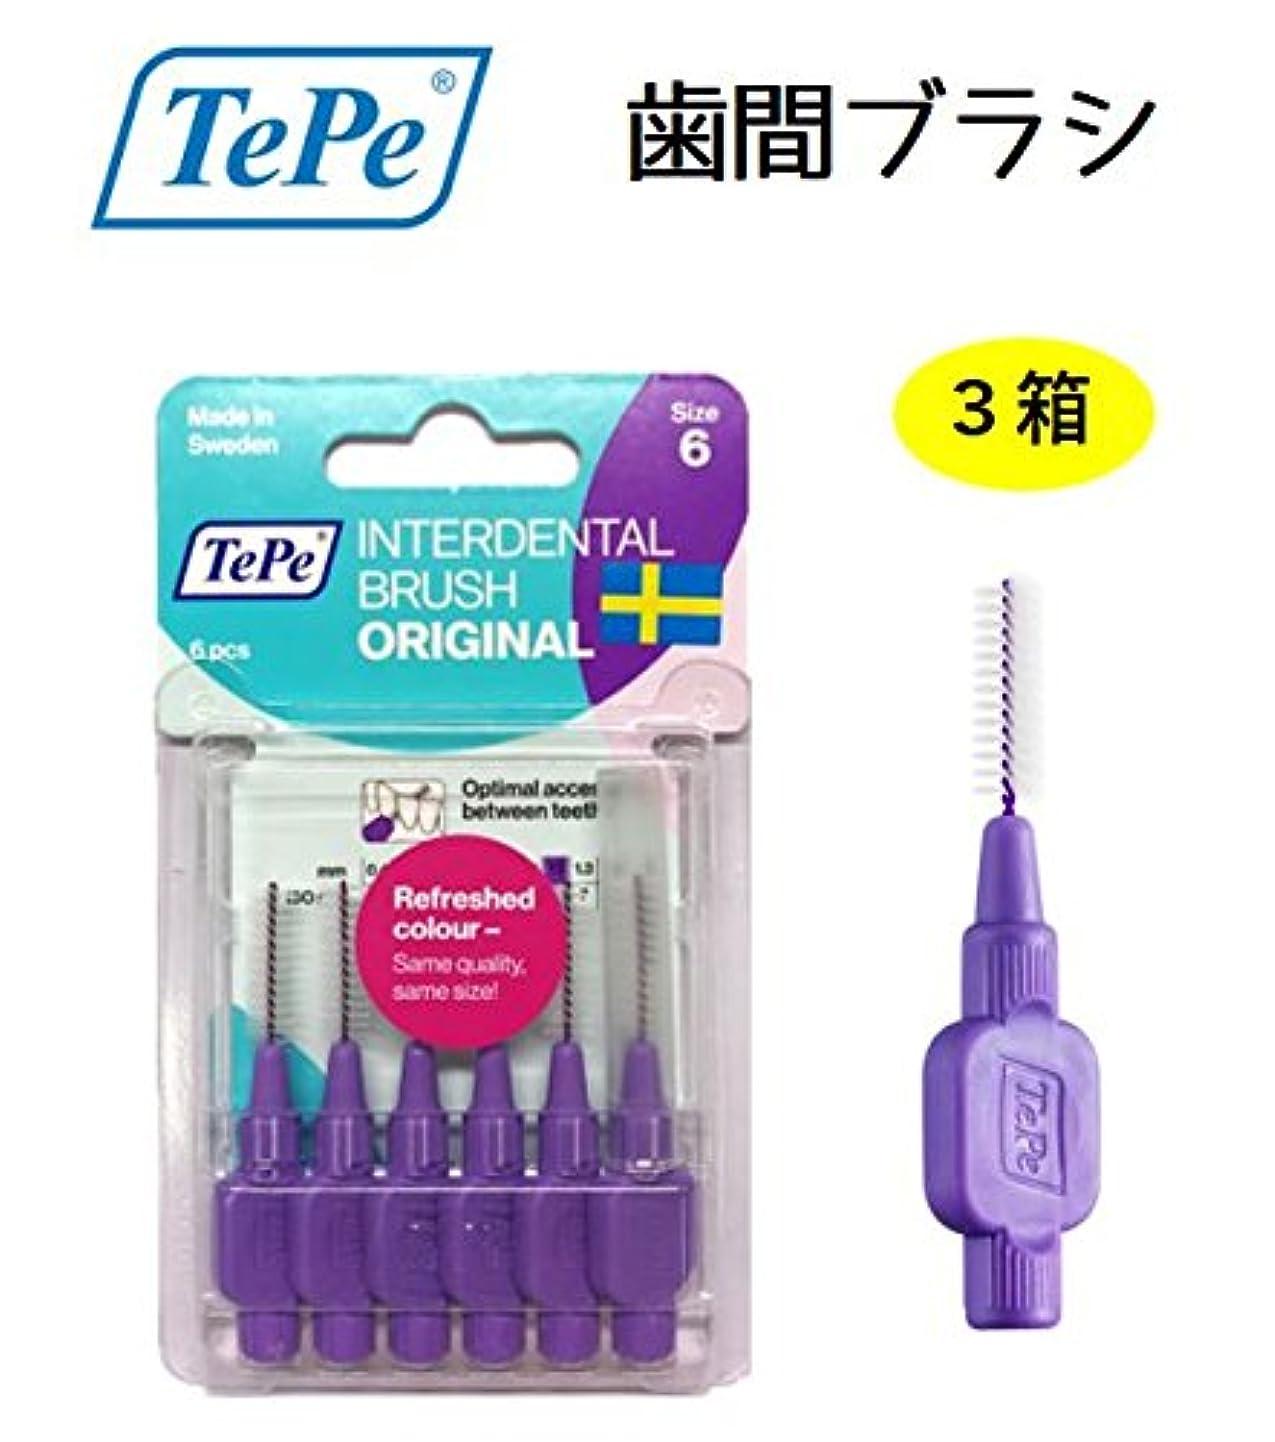 謎めいた自宅で平和なテペ 歯間プラシ 1.1mm ブリスターパック 3パック TePe IDブラシ